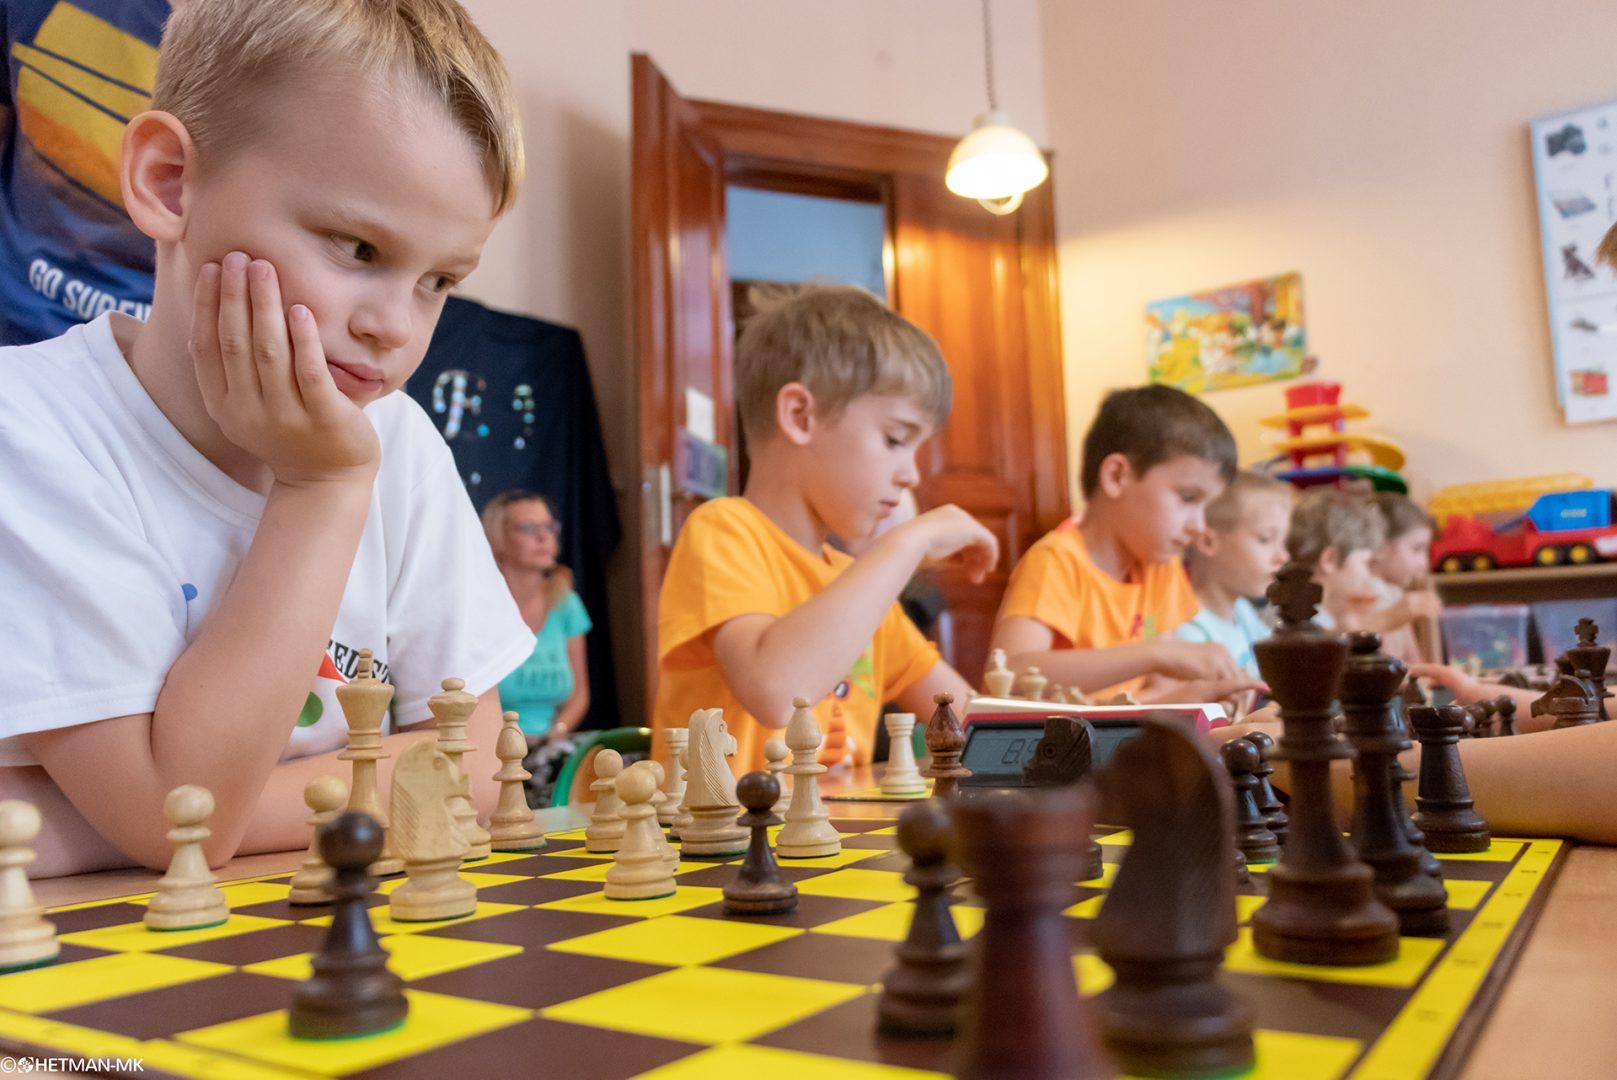 VIII Turniej Szachowy Przedszkolaków o Mistrzostwo Świdnicy, 18.06.2018